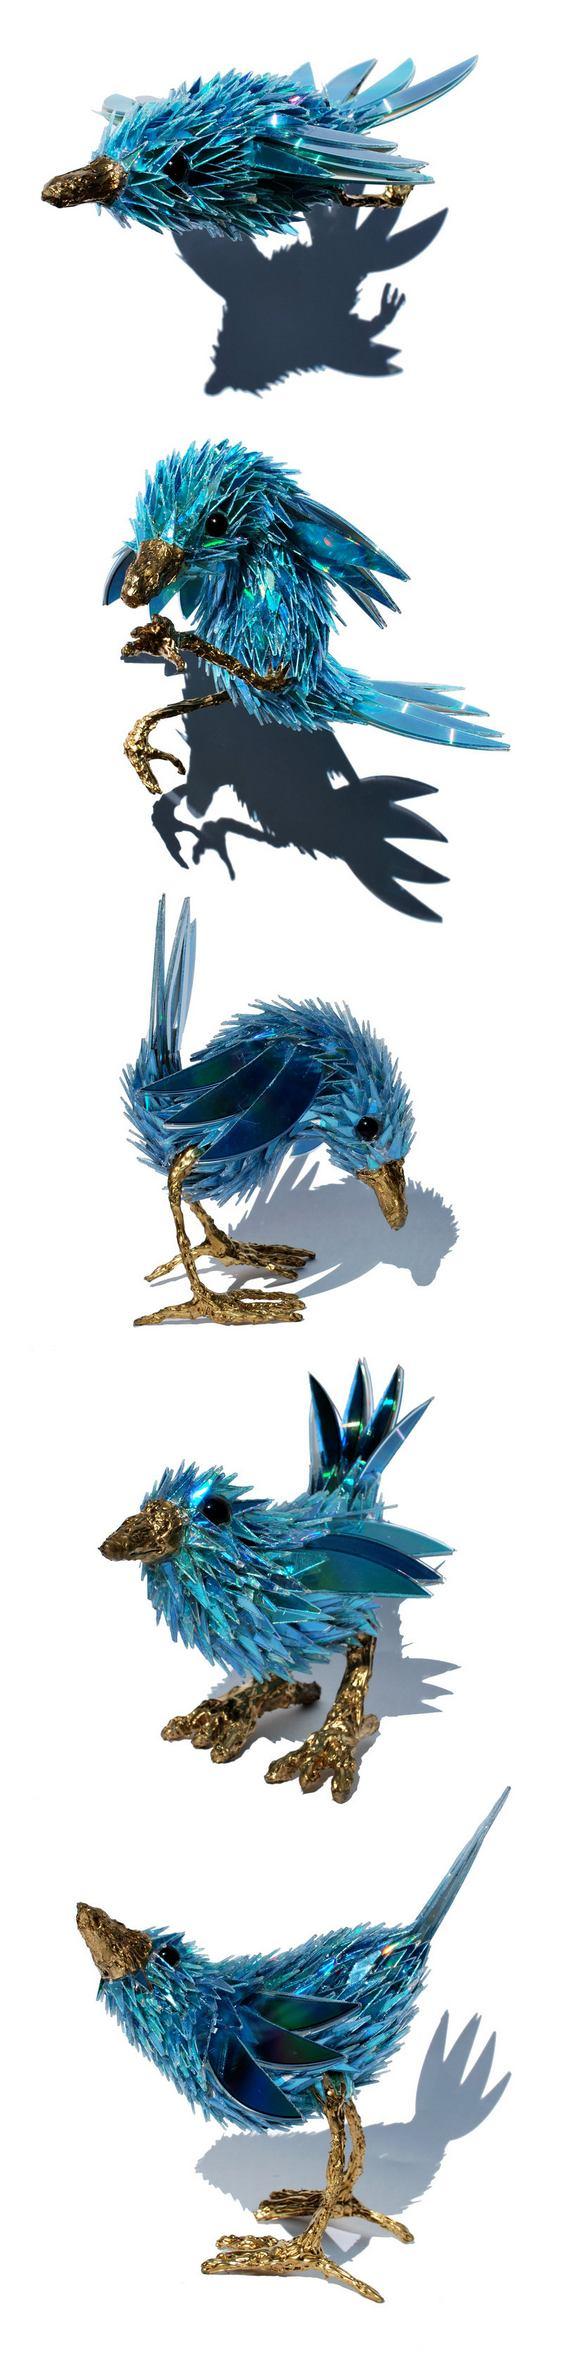 Reciclagem de CD - passarinhos azuis